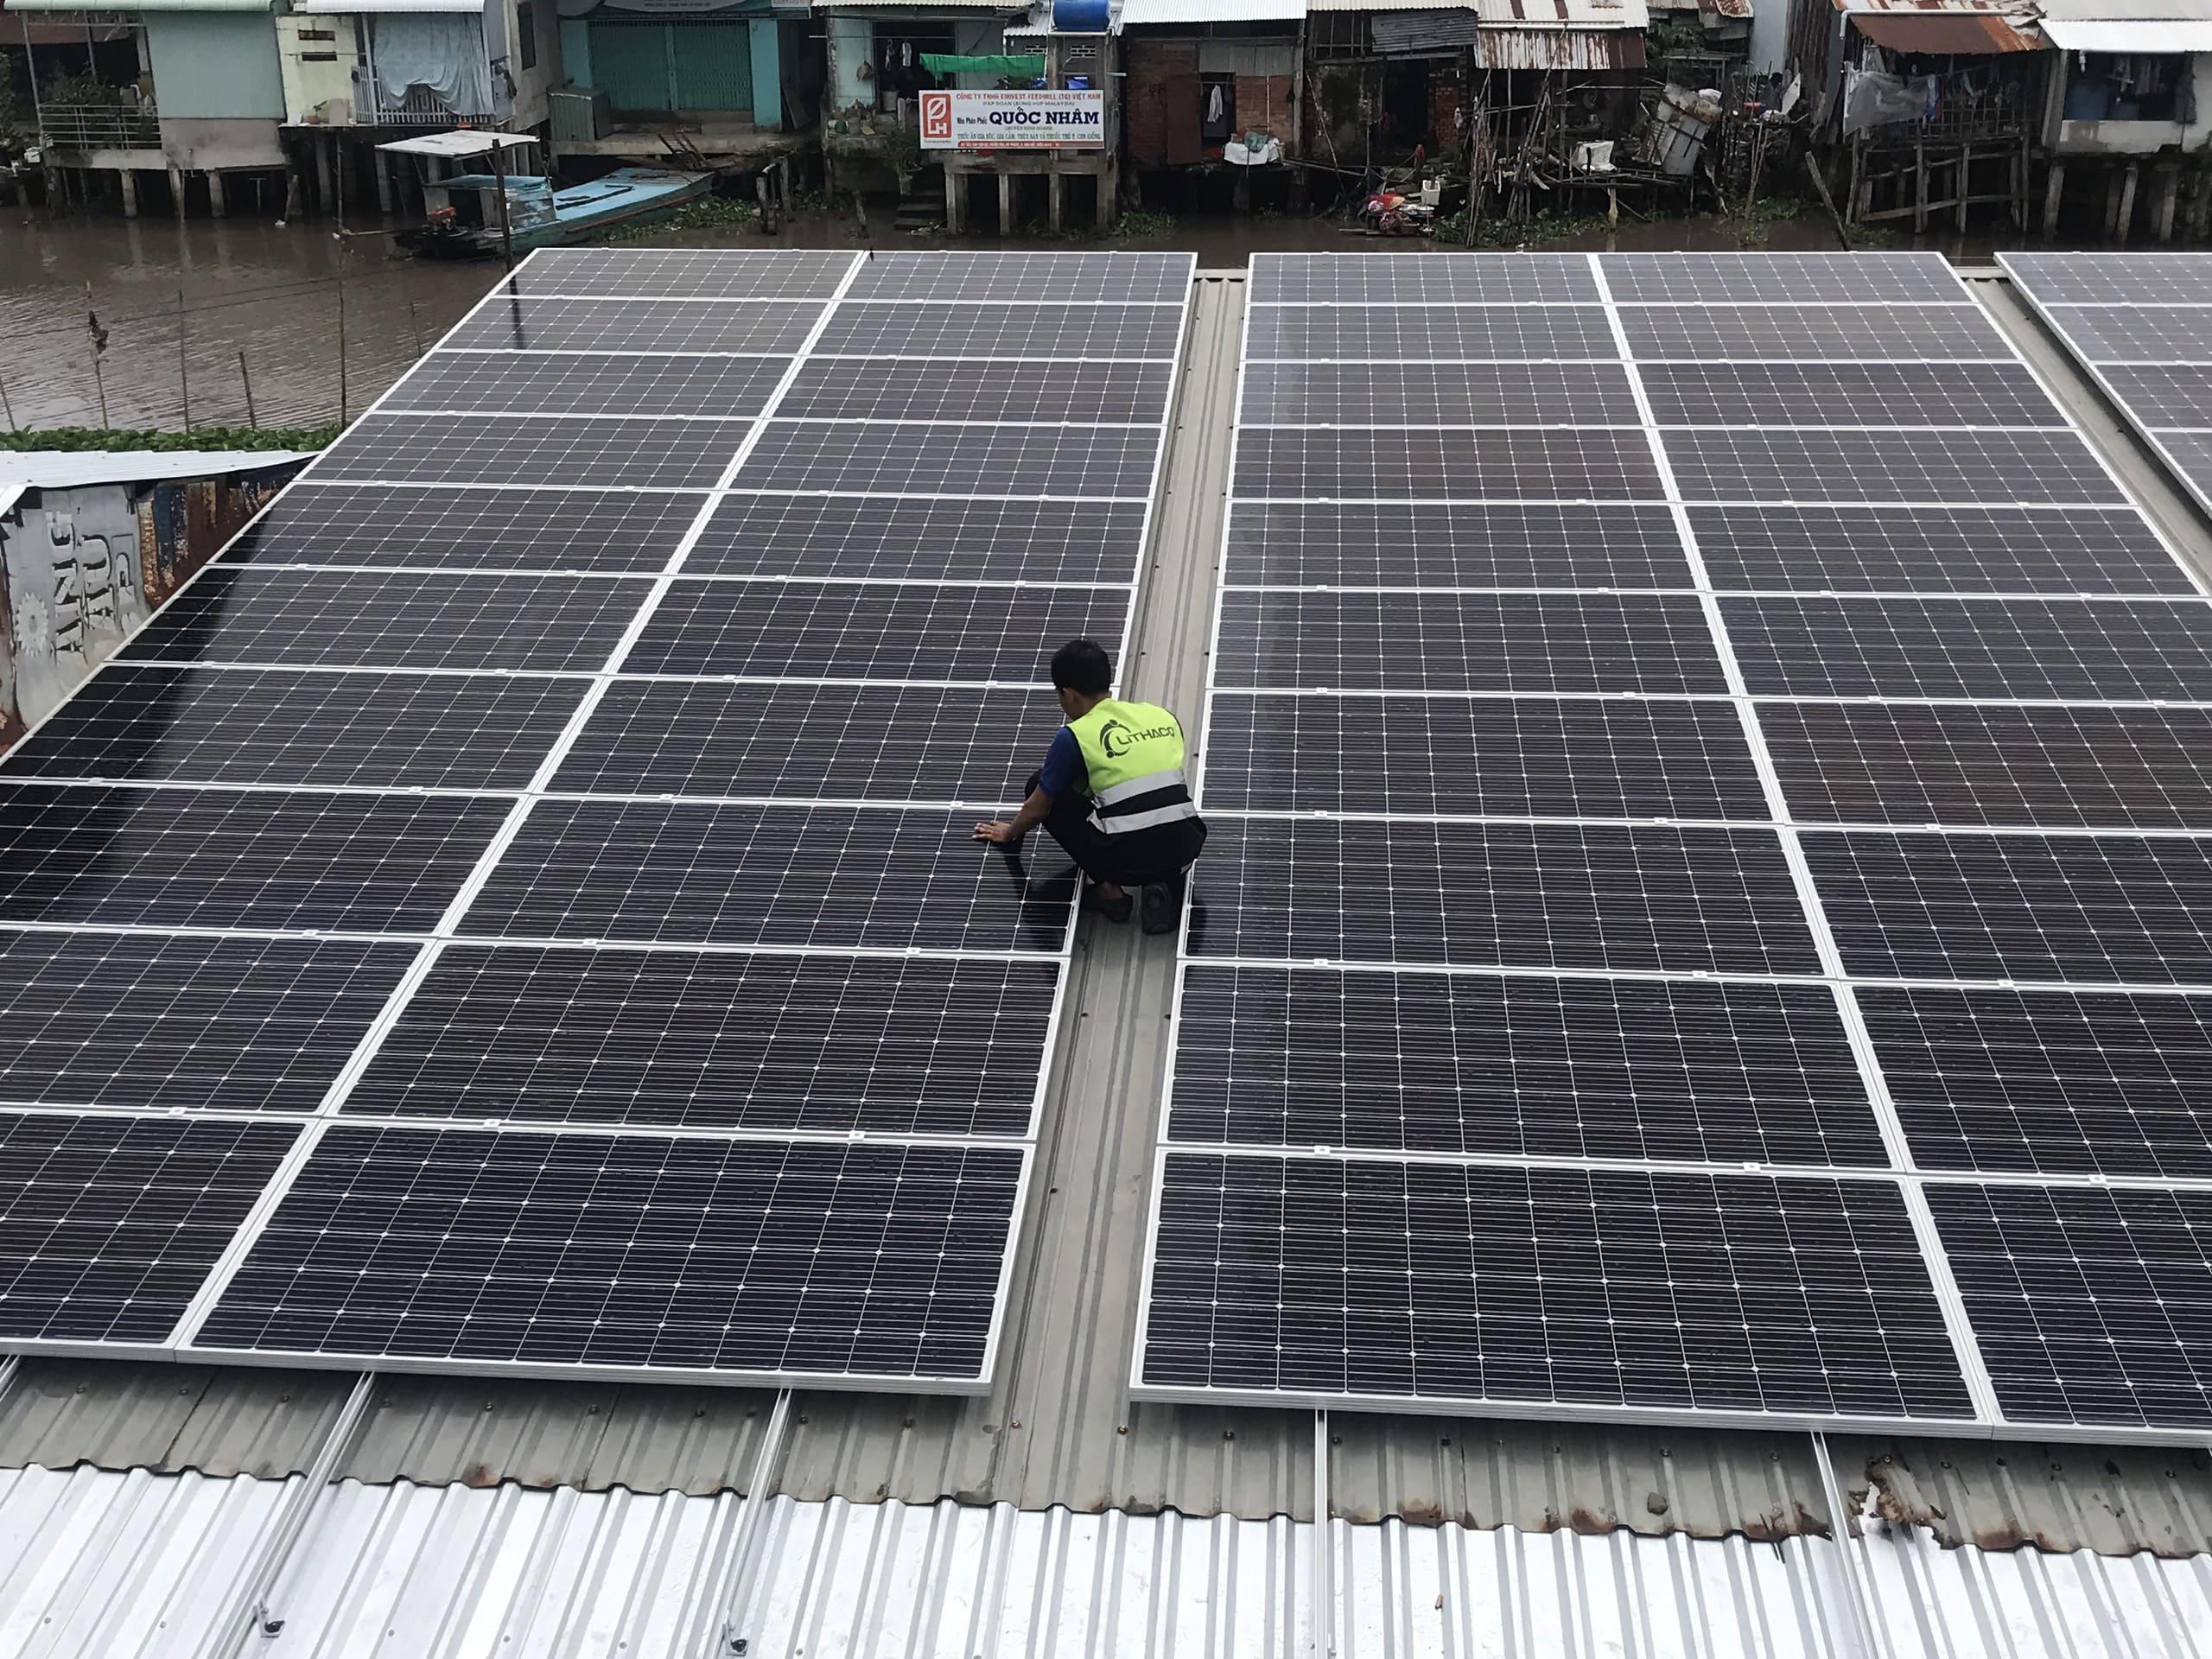 Giá mua điện mặt trời có khả năng chưa thay đổi chờ bổ sung thêm phương án chia vùng bức xạ